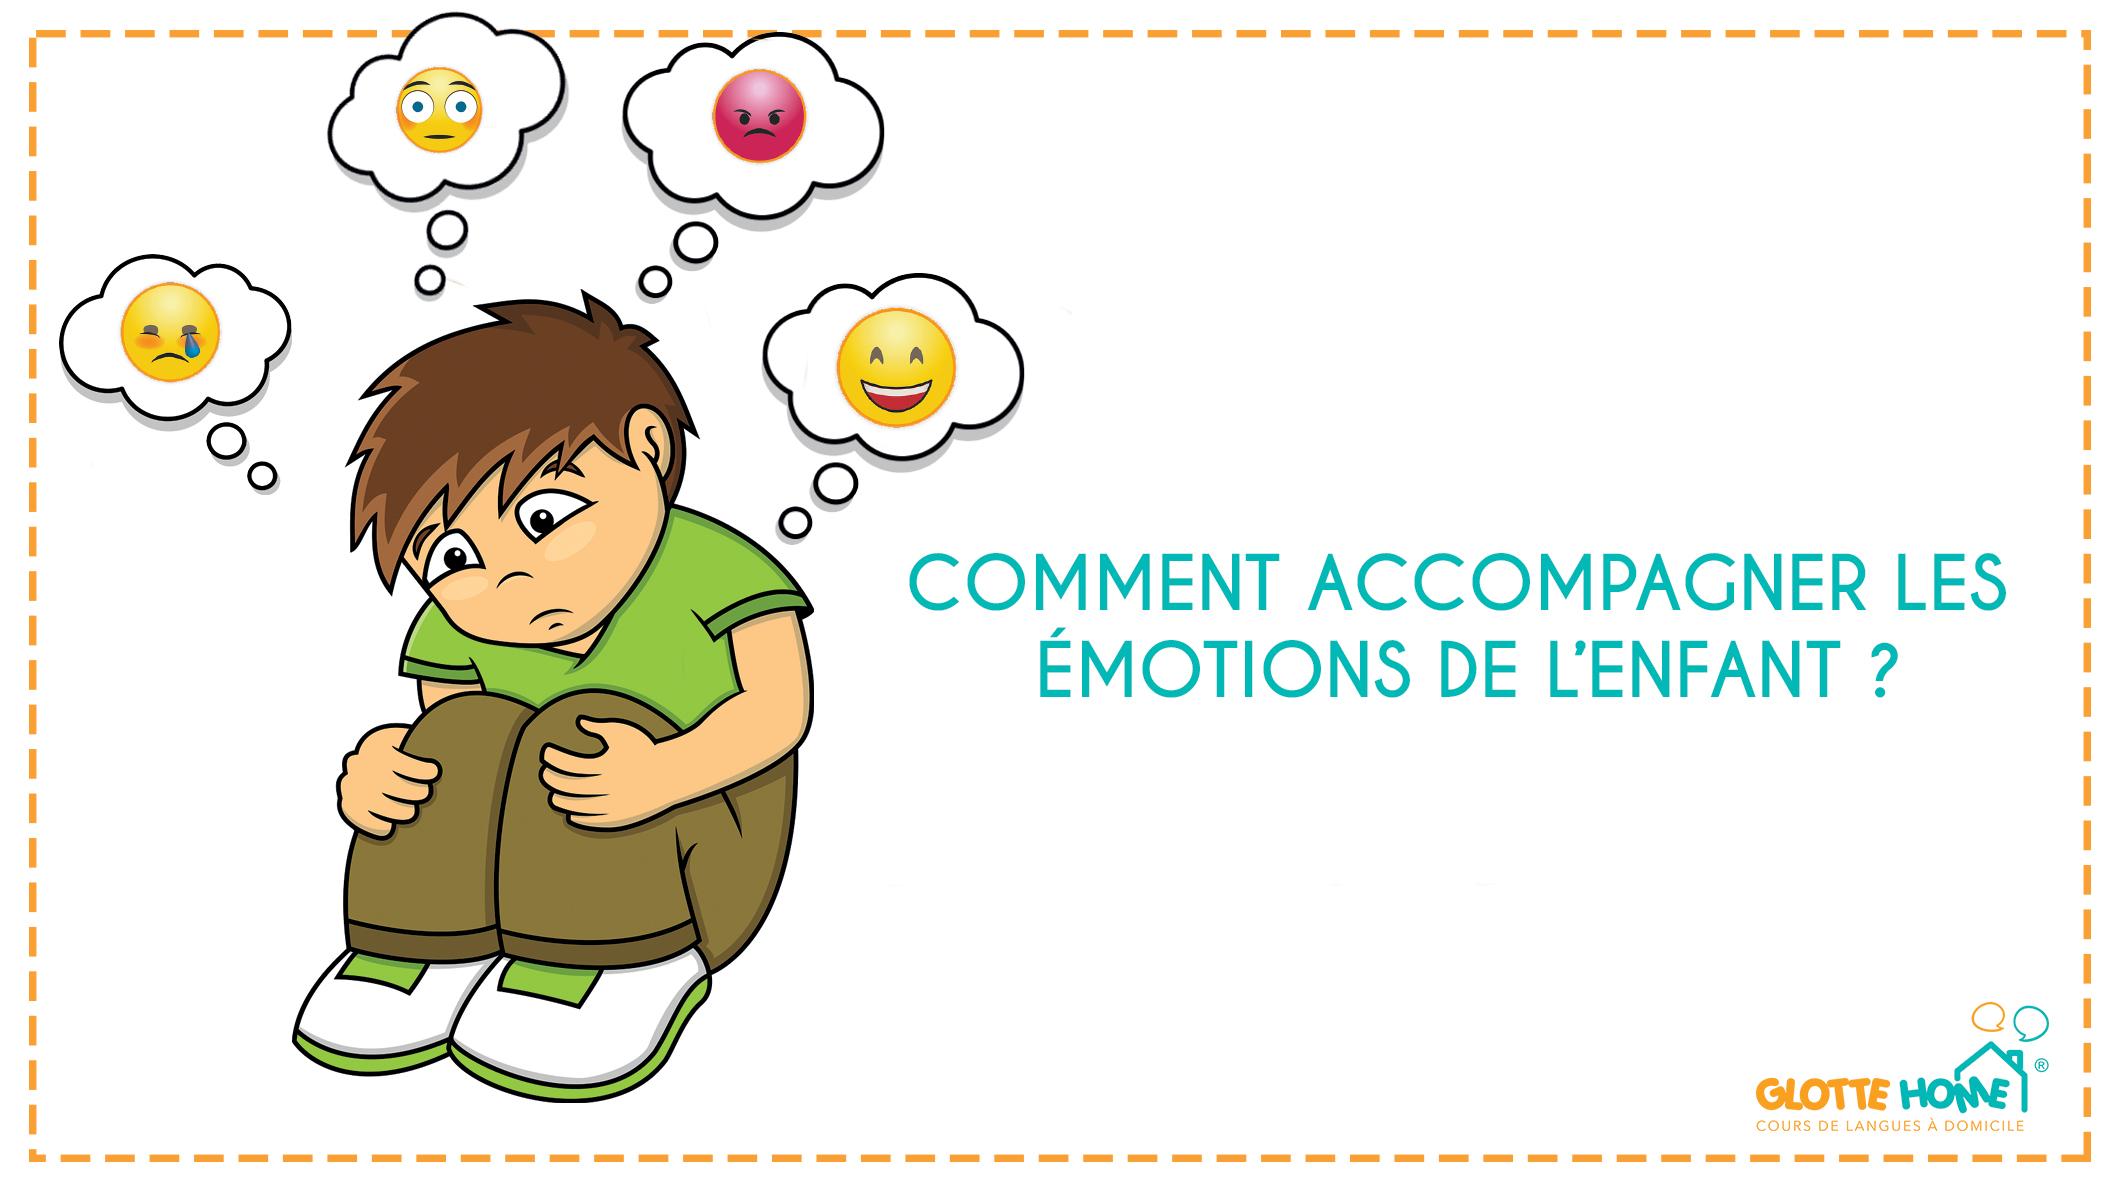 Accompagner les émotions de l'enfant